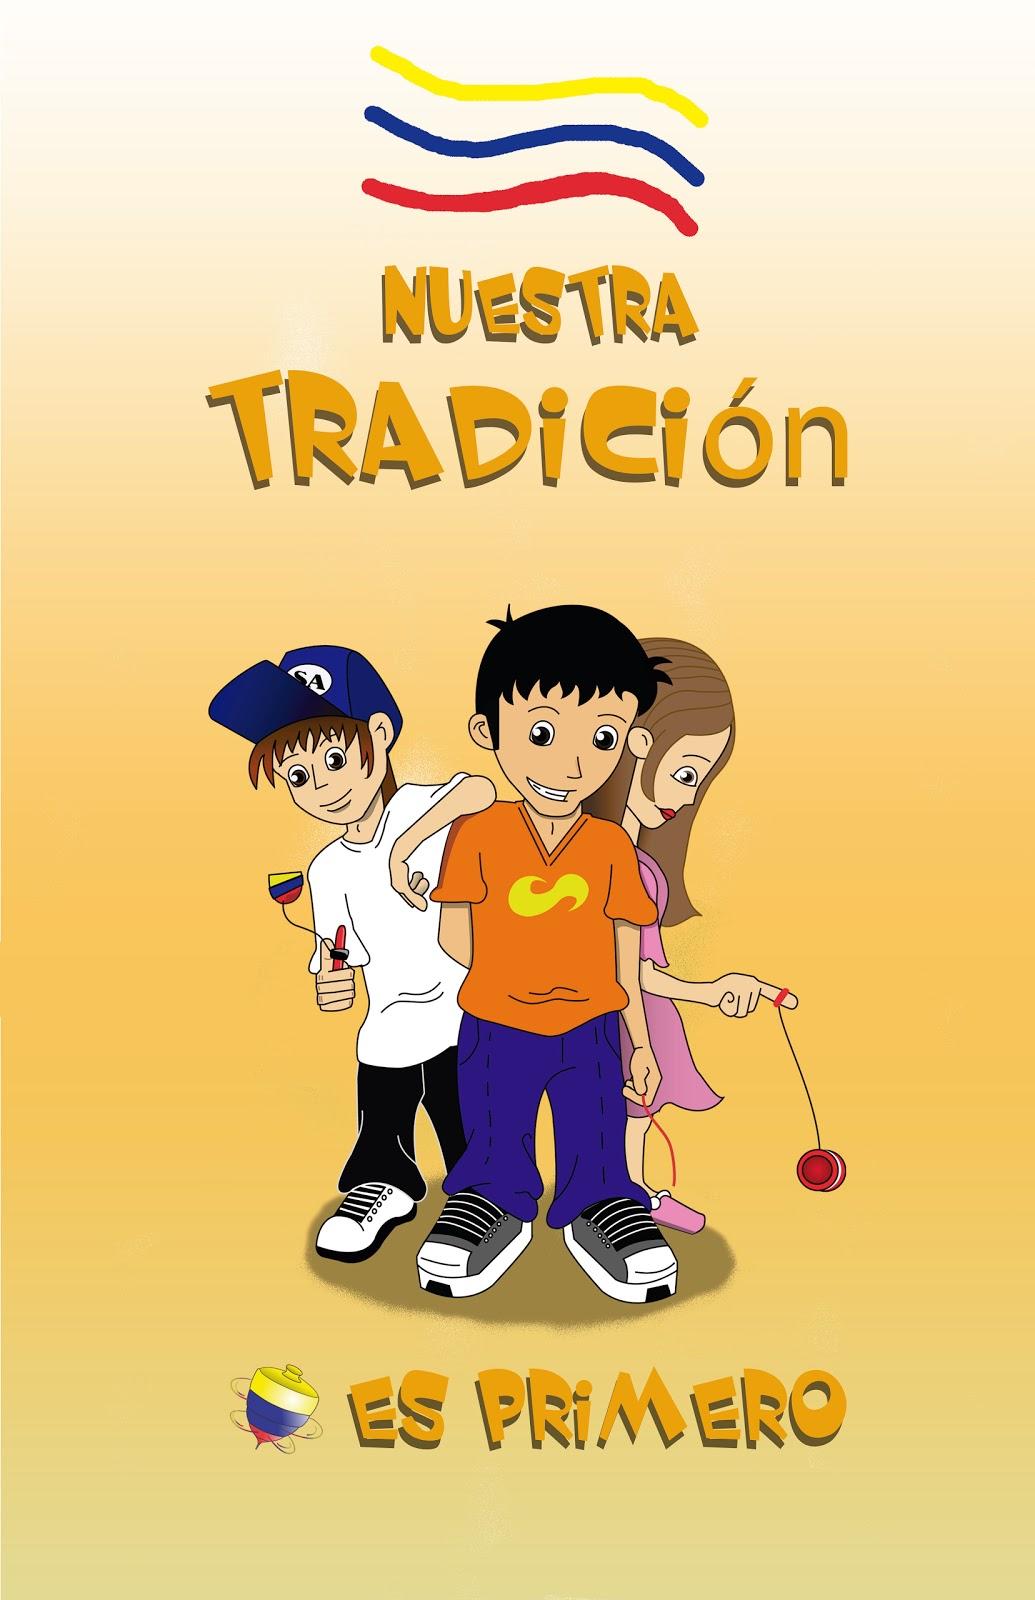 juegos en venezuela: